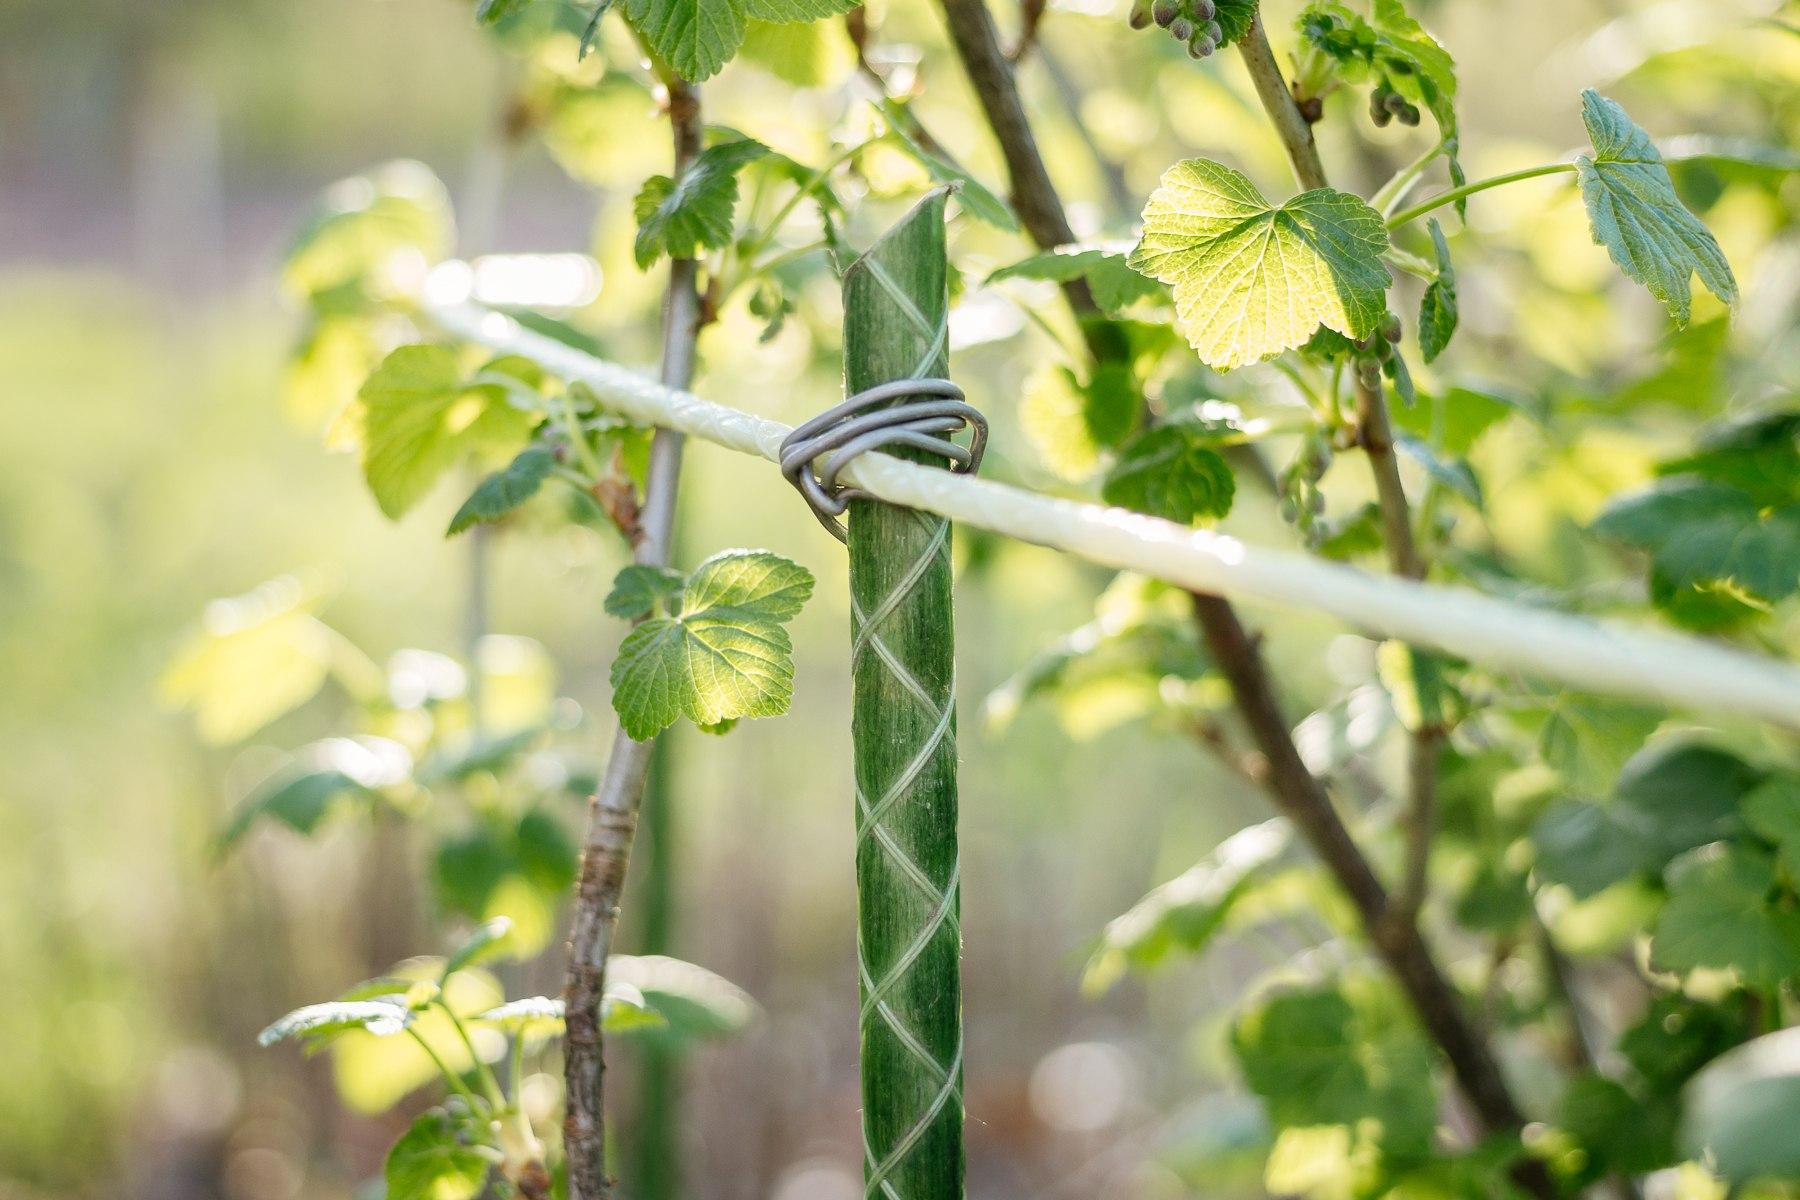 Применение продукции, Колышки садовые для сада и огорода. Колышки для теплицы. Опоры для цветов